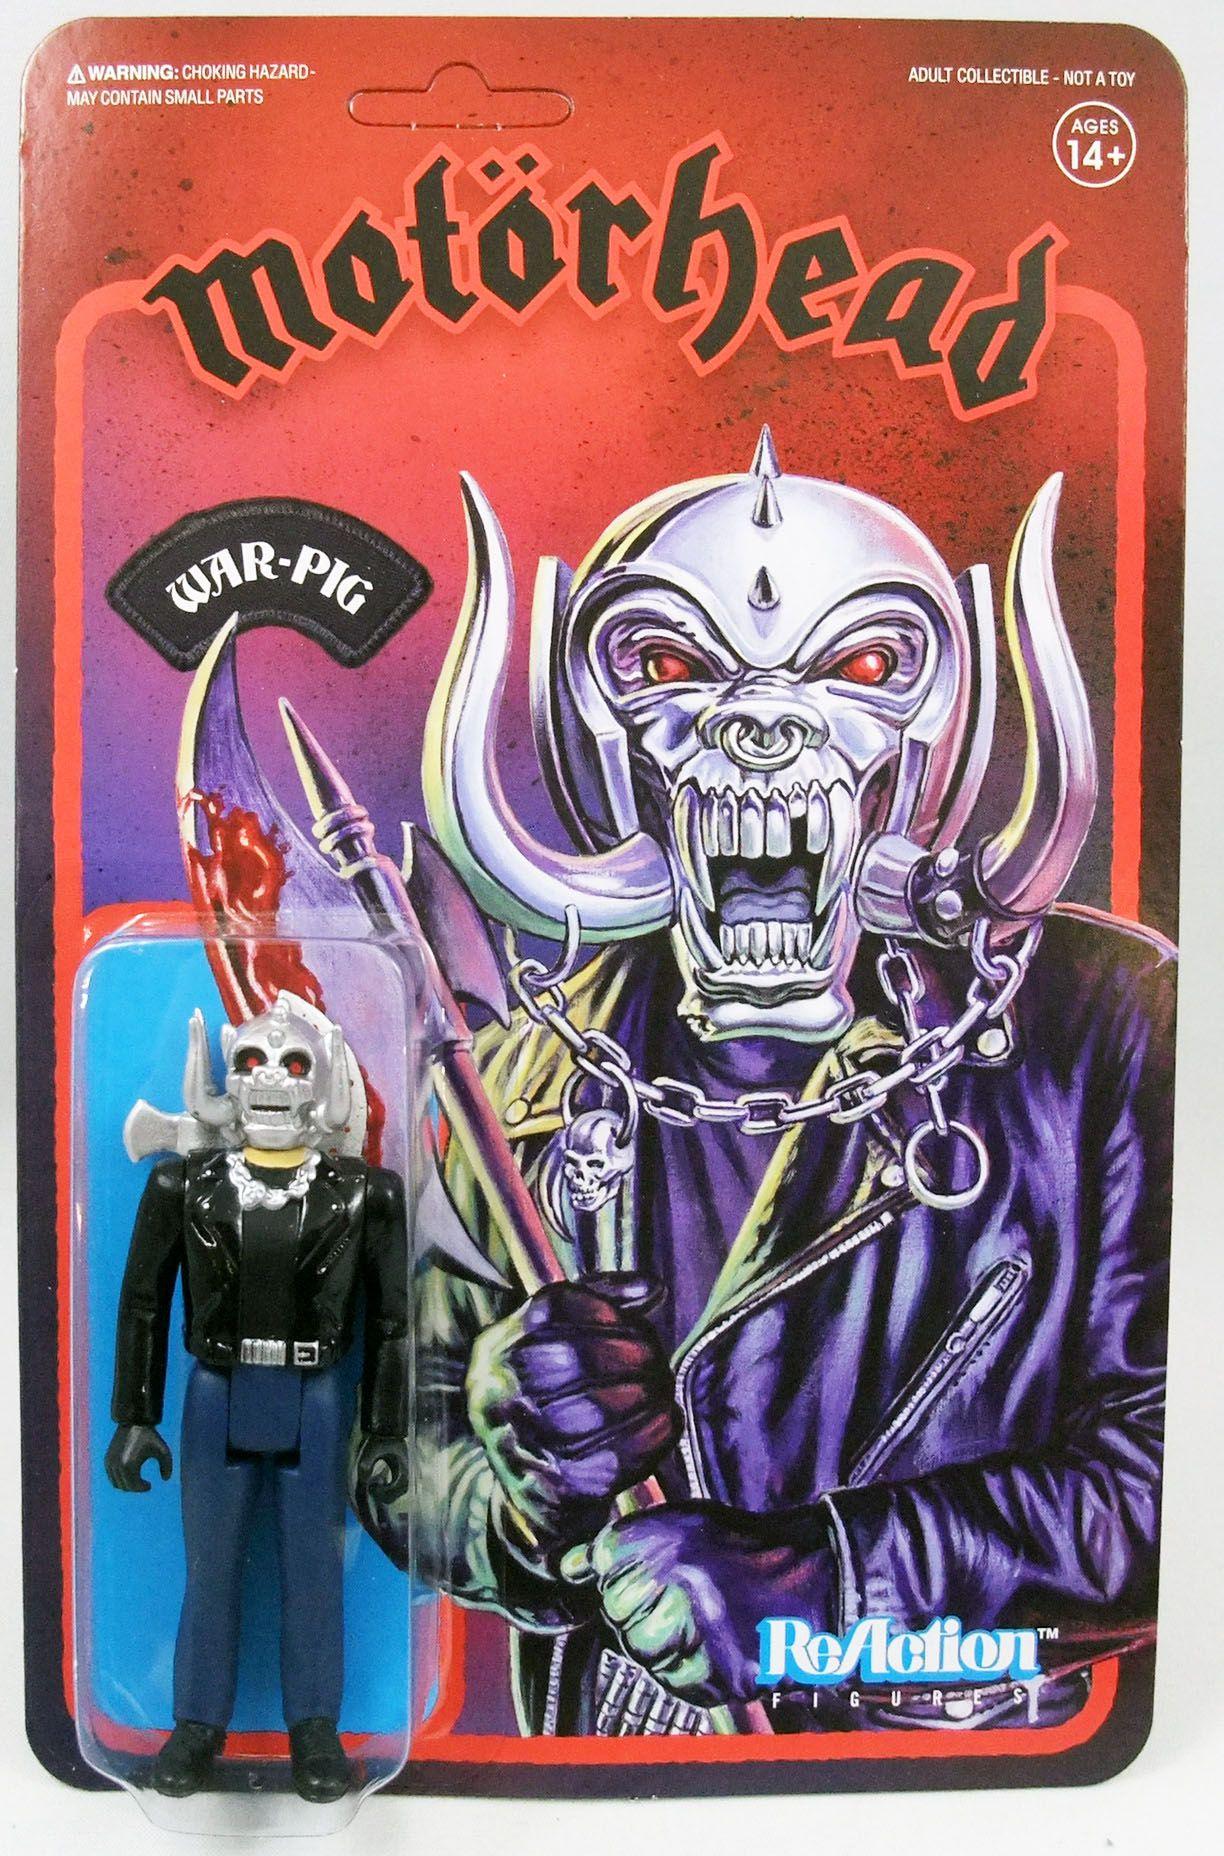 Motörhead - Super7 ReAction Figure - War-Pig